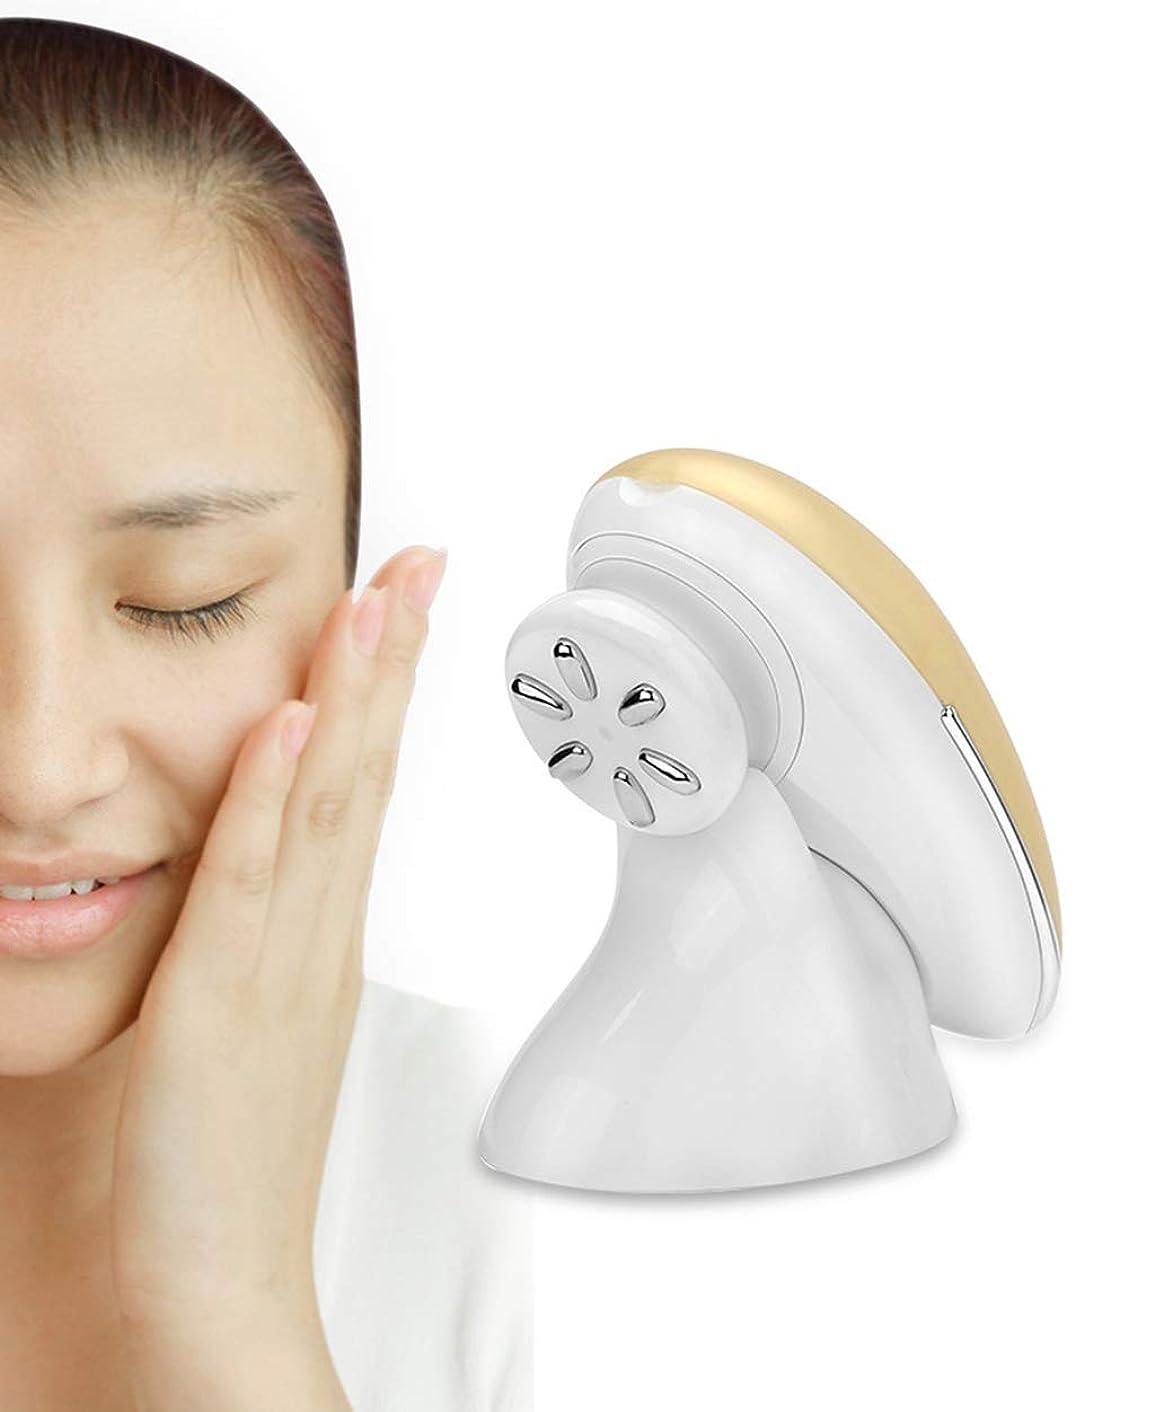 備品最近国EMSパルス美容機器、RFしわ肌の顔の肌を引き締め抗老化美容機器